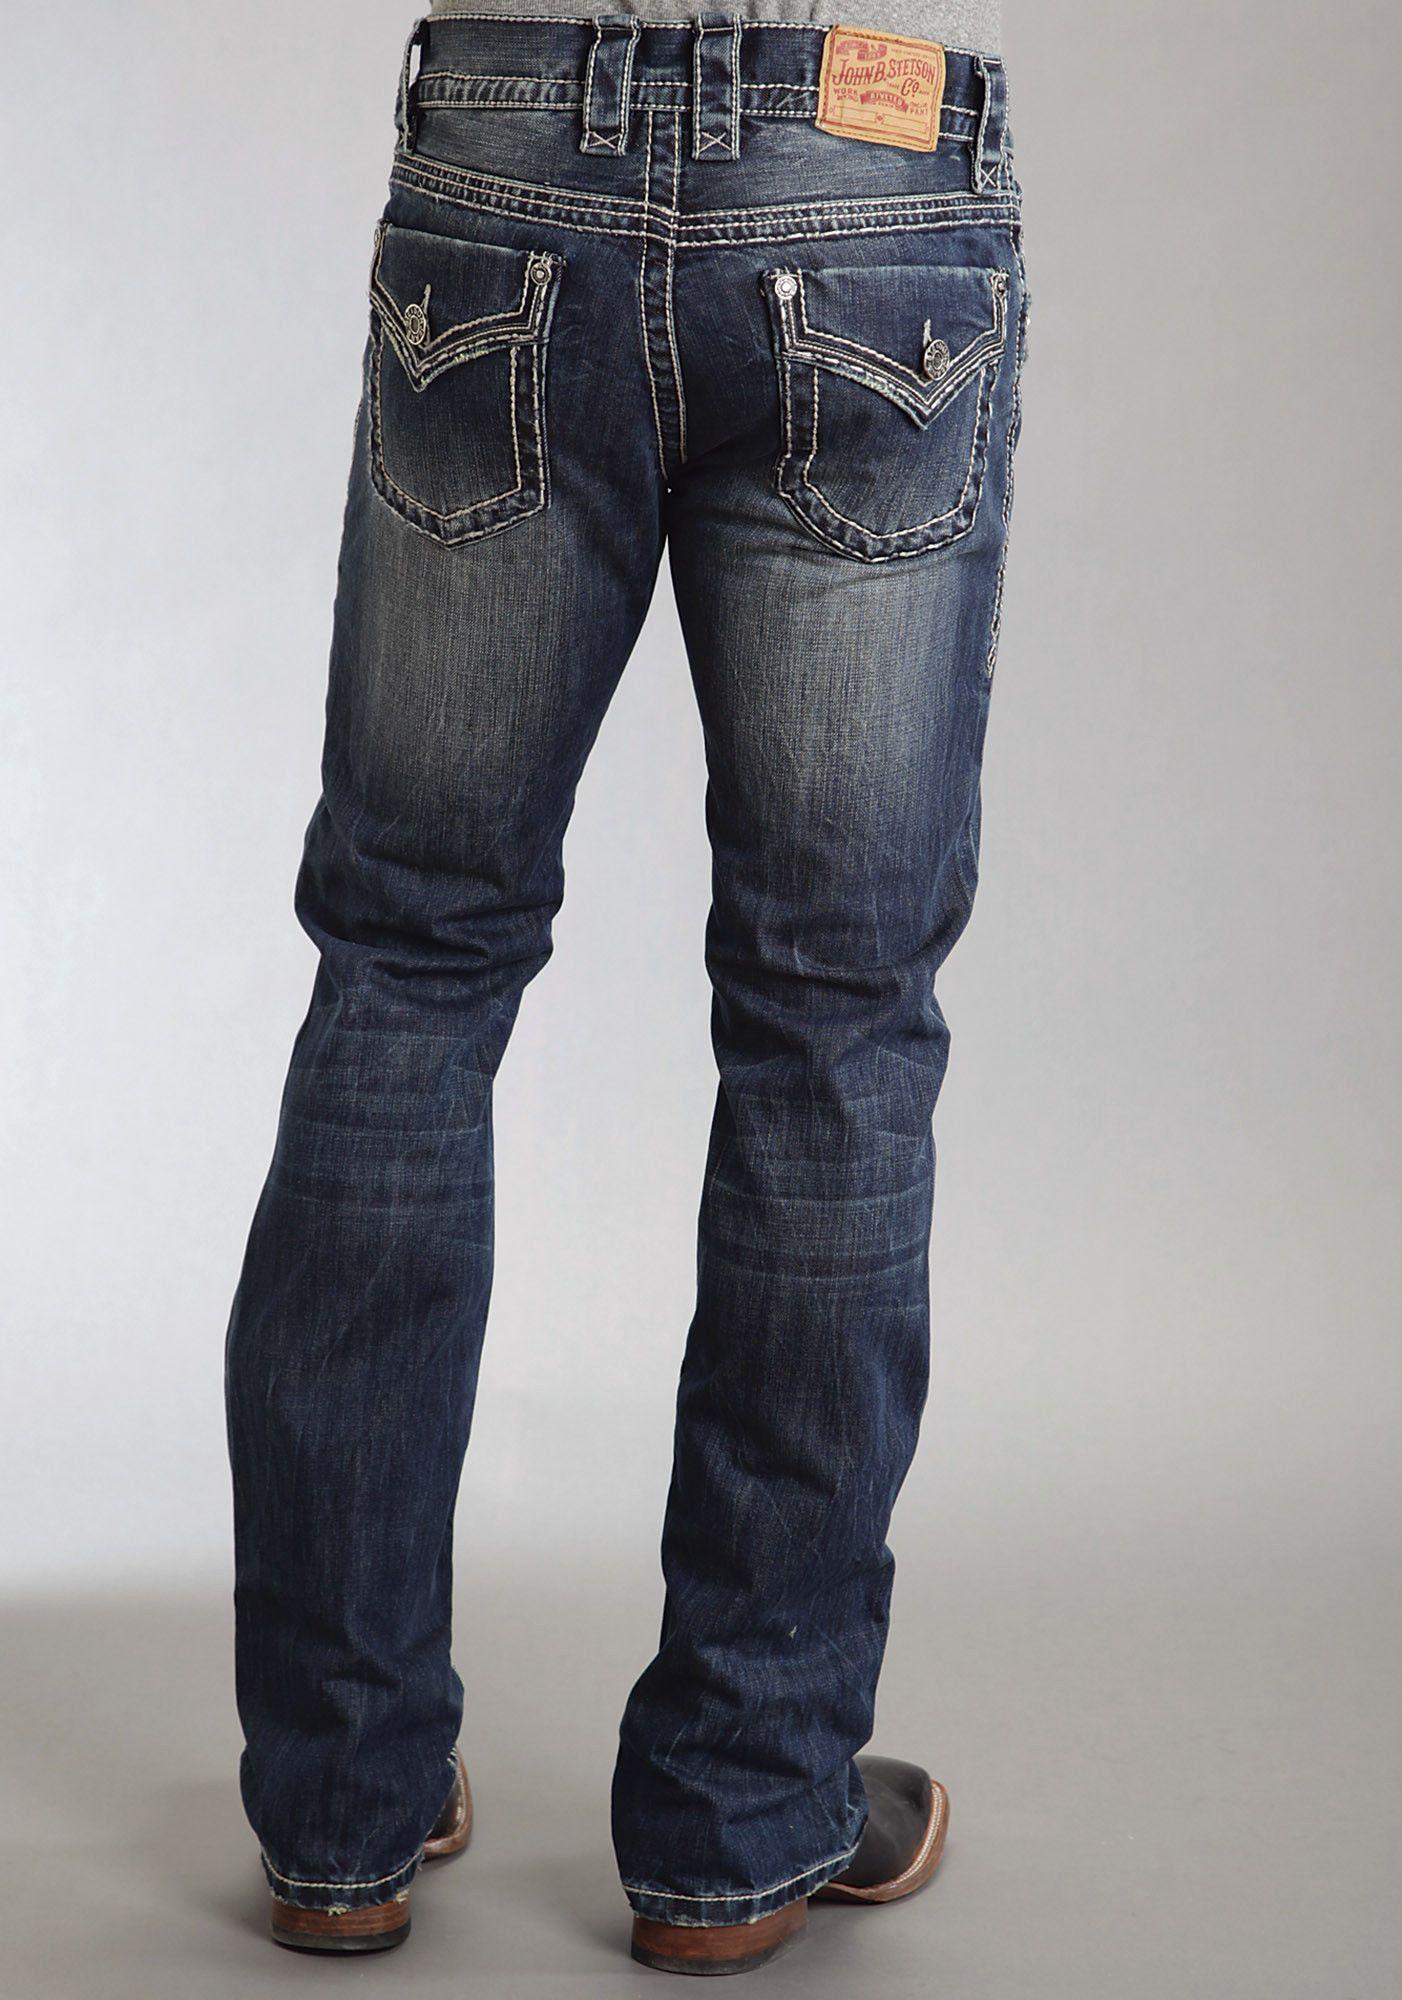 97983273c573 Stetson Mens Stetson Rocks Fit Jeans Flap Back Pkt Ows   Denim ...